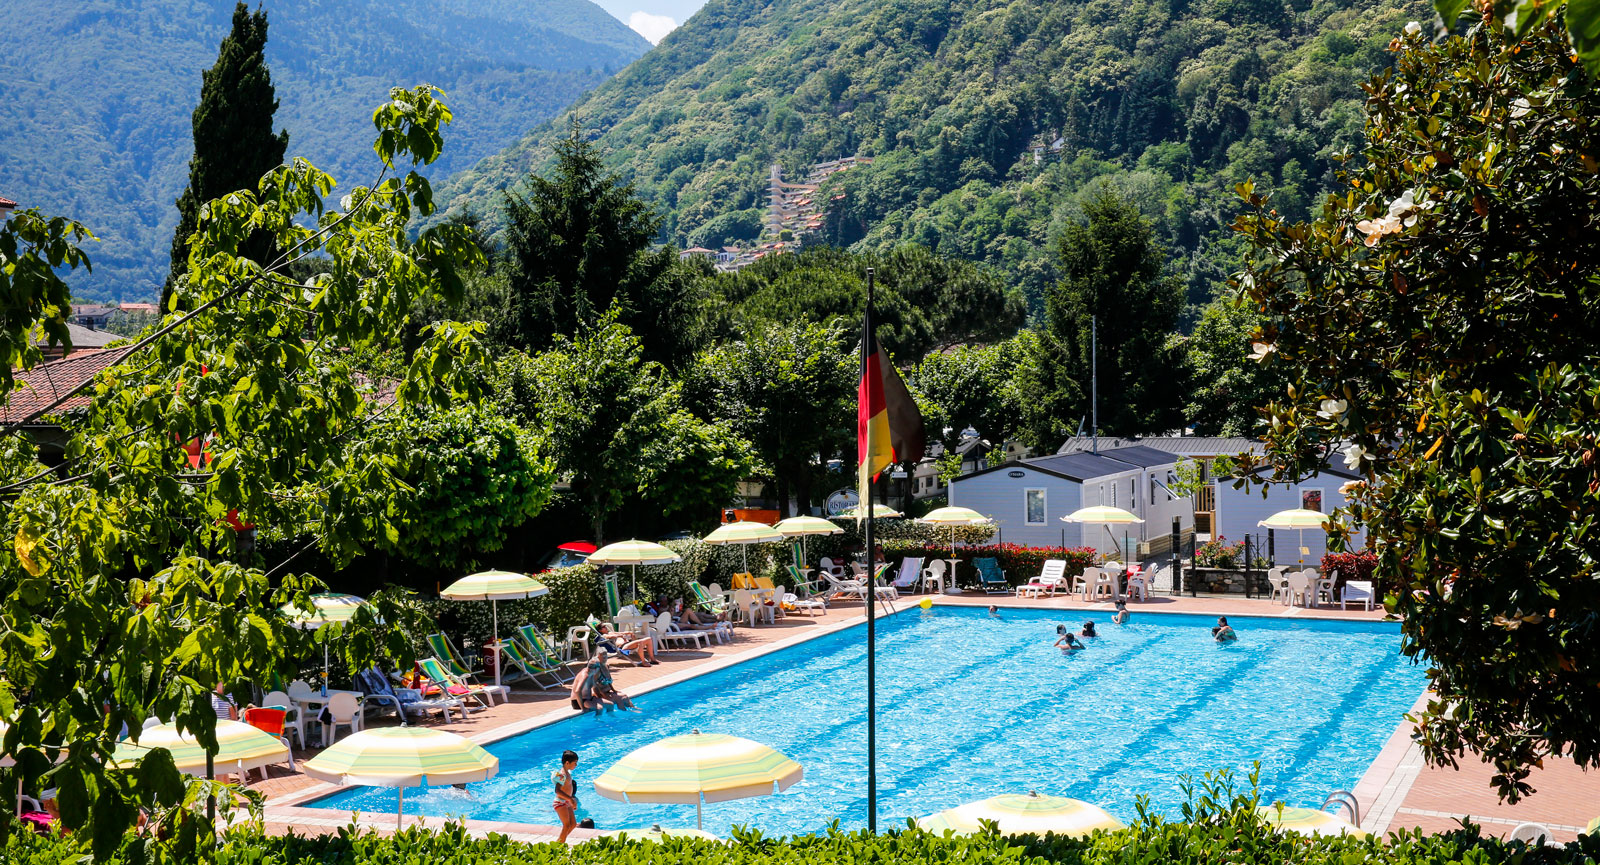 Poolen på Campingen Del Sole i Cannobio.